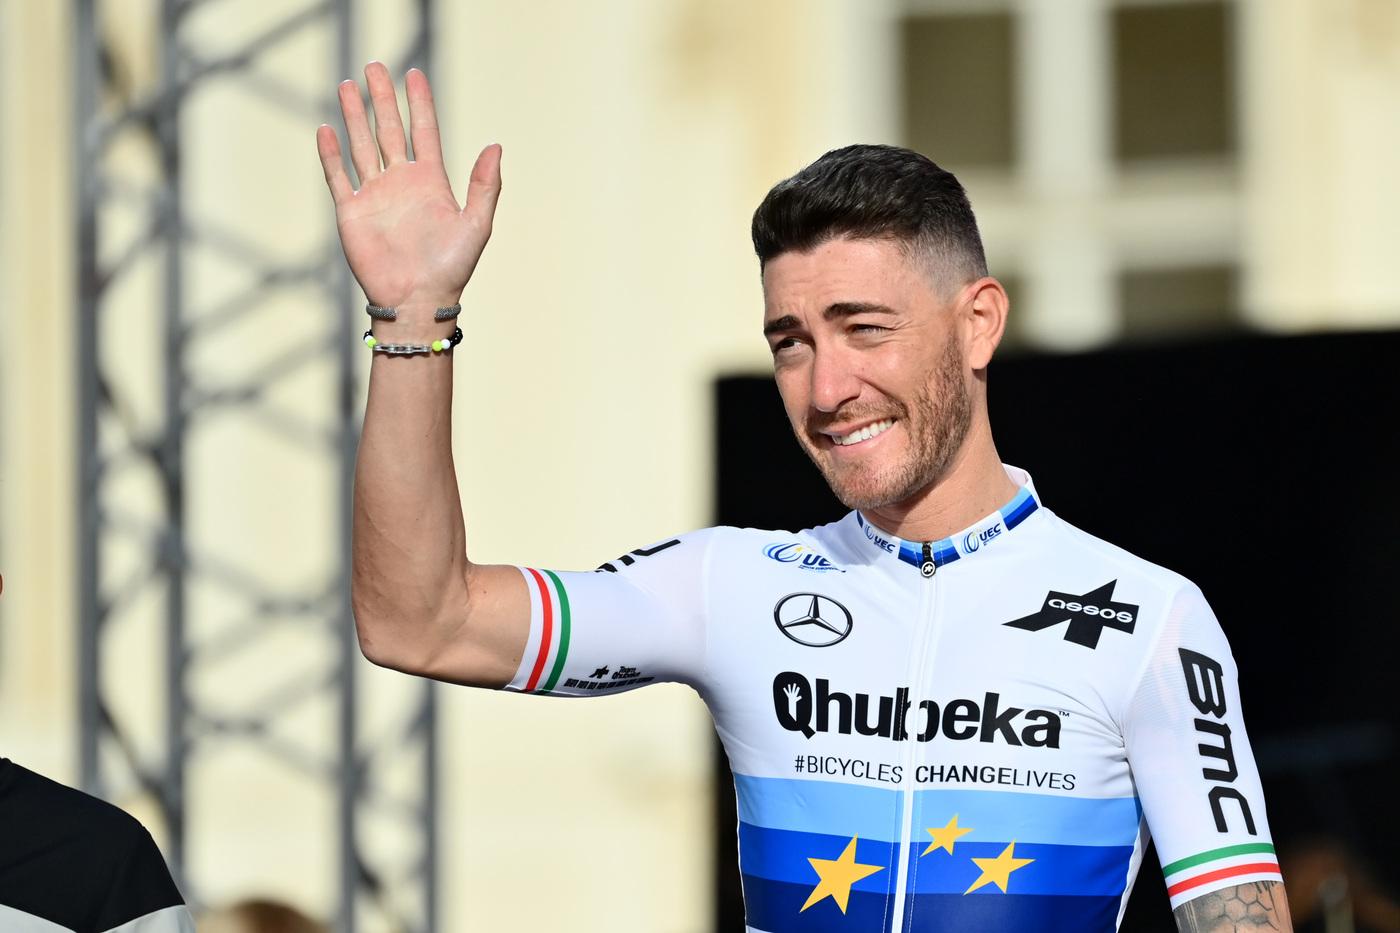 Giro d'Italia 2021, favoriti tappa di oggi Stupinigi Novara: borsino e stellette. Viviani e Nizzolo sfidano Ewan in volata